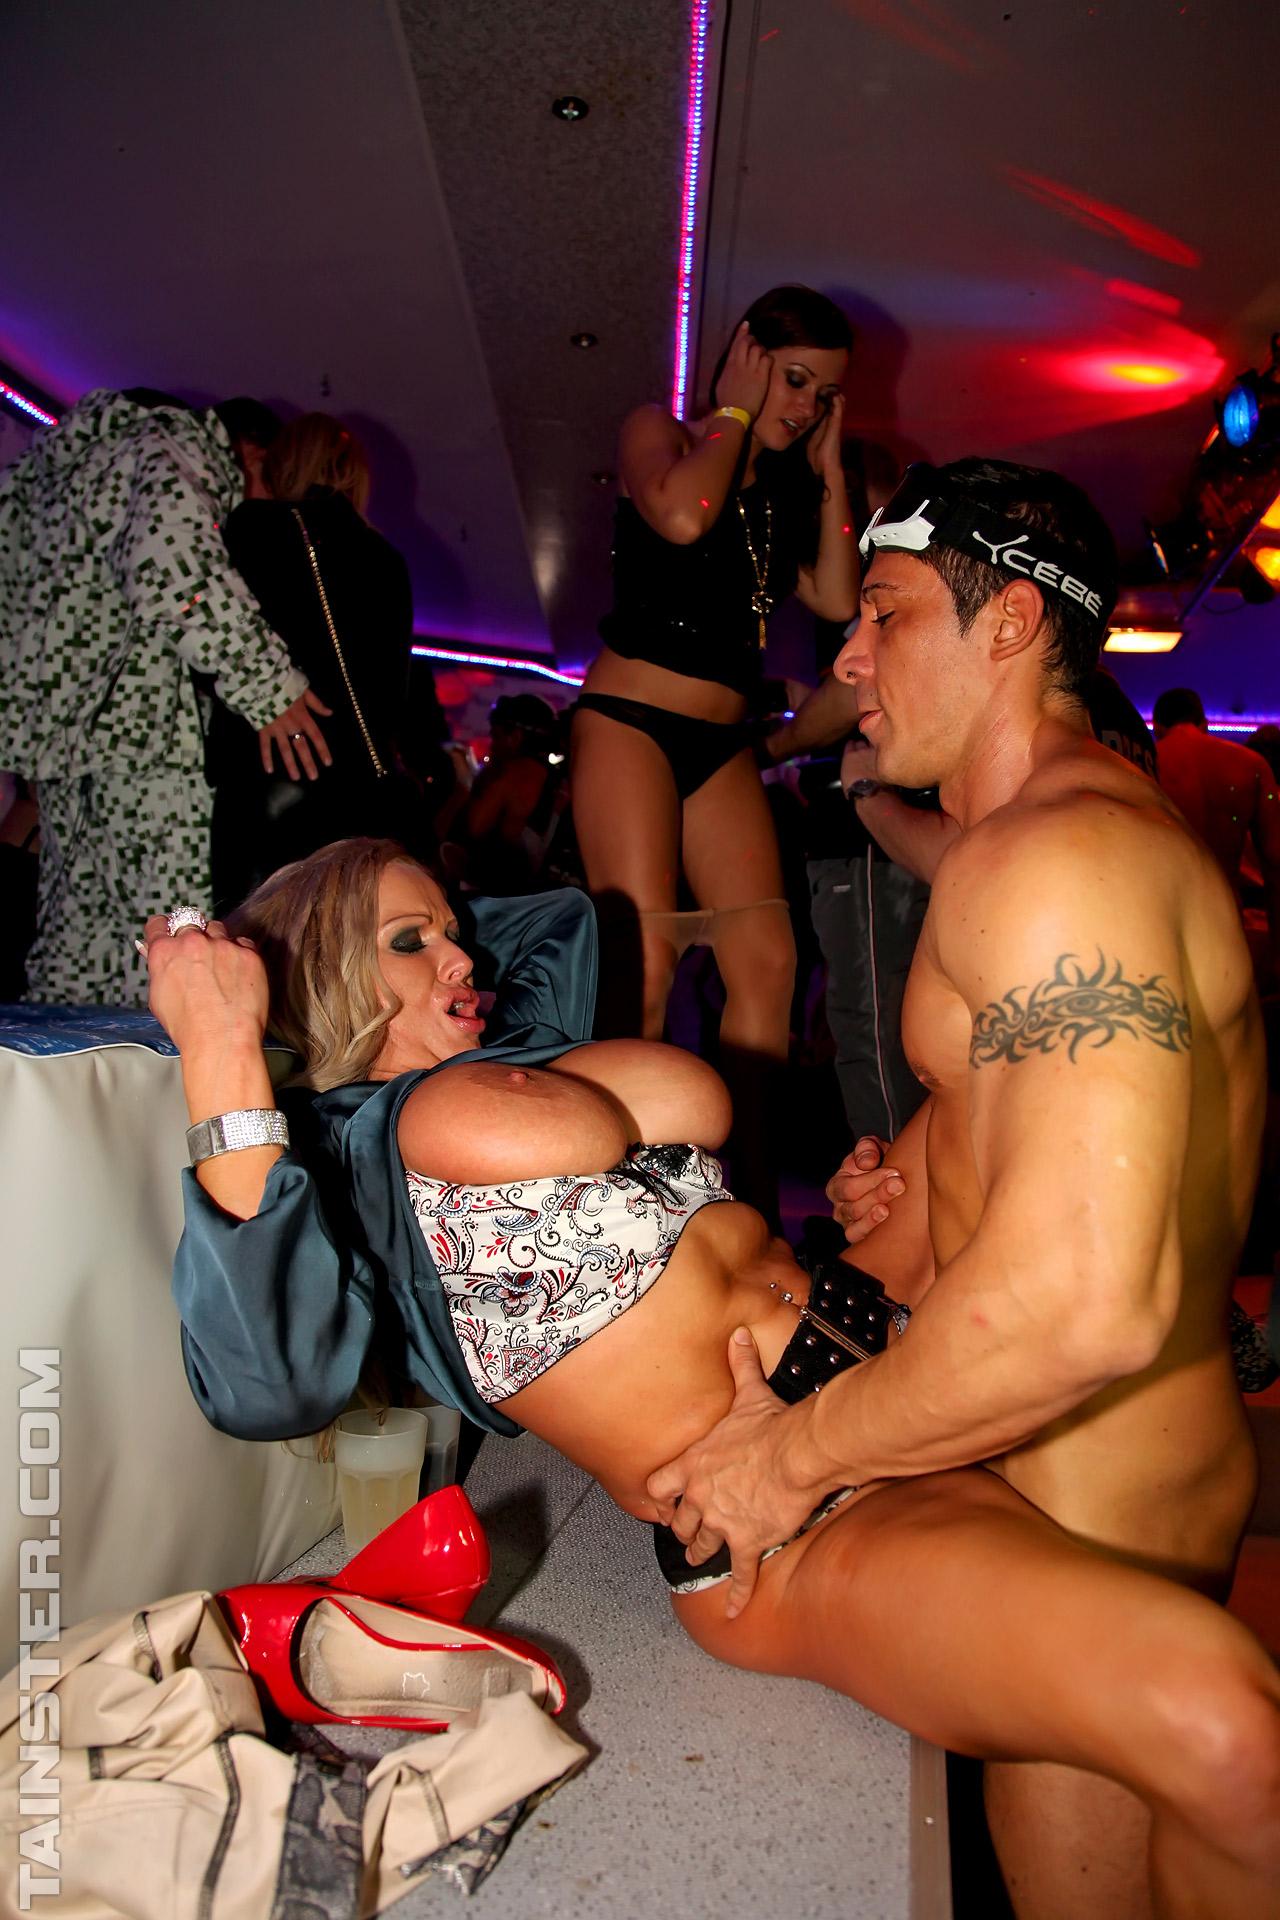 Ролик секс порно видео ночные клубы порно платье порно